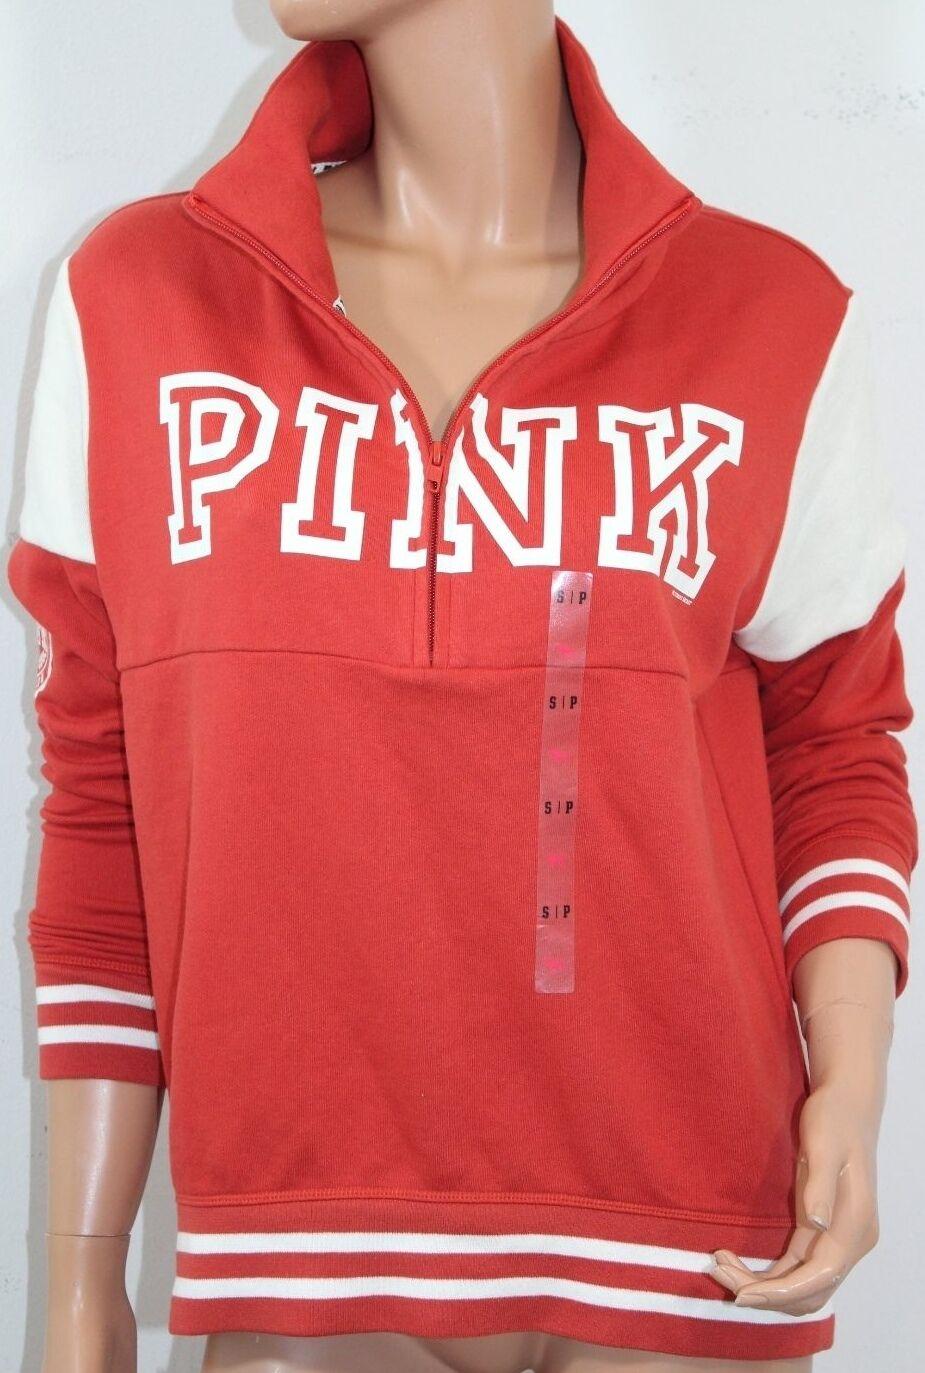 Pink By Victoria's Secret  Fleece High & Low Half Zip Sweatshirt Small NWT